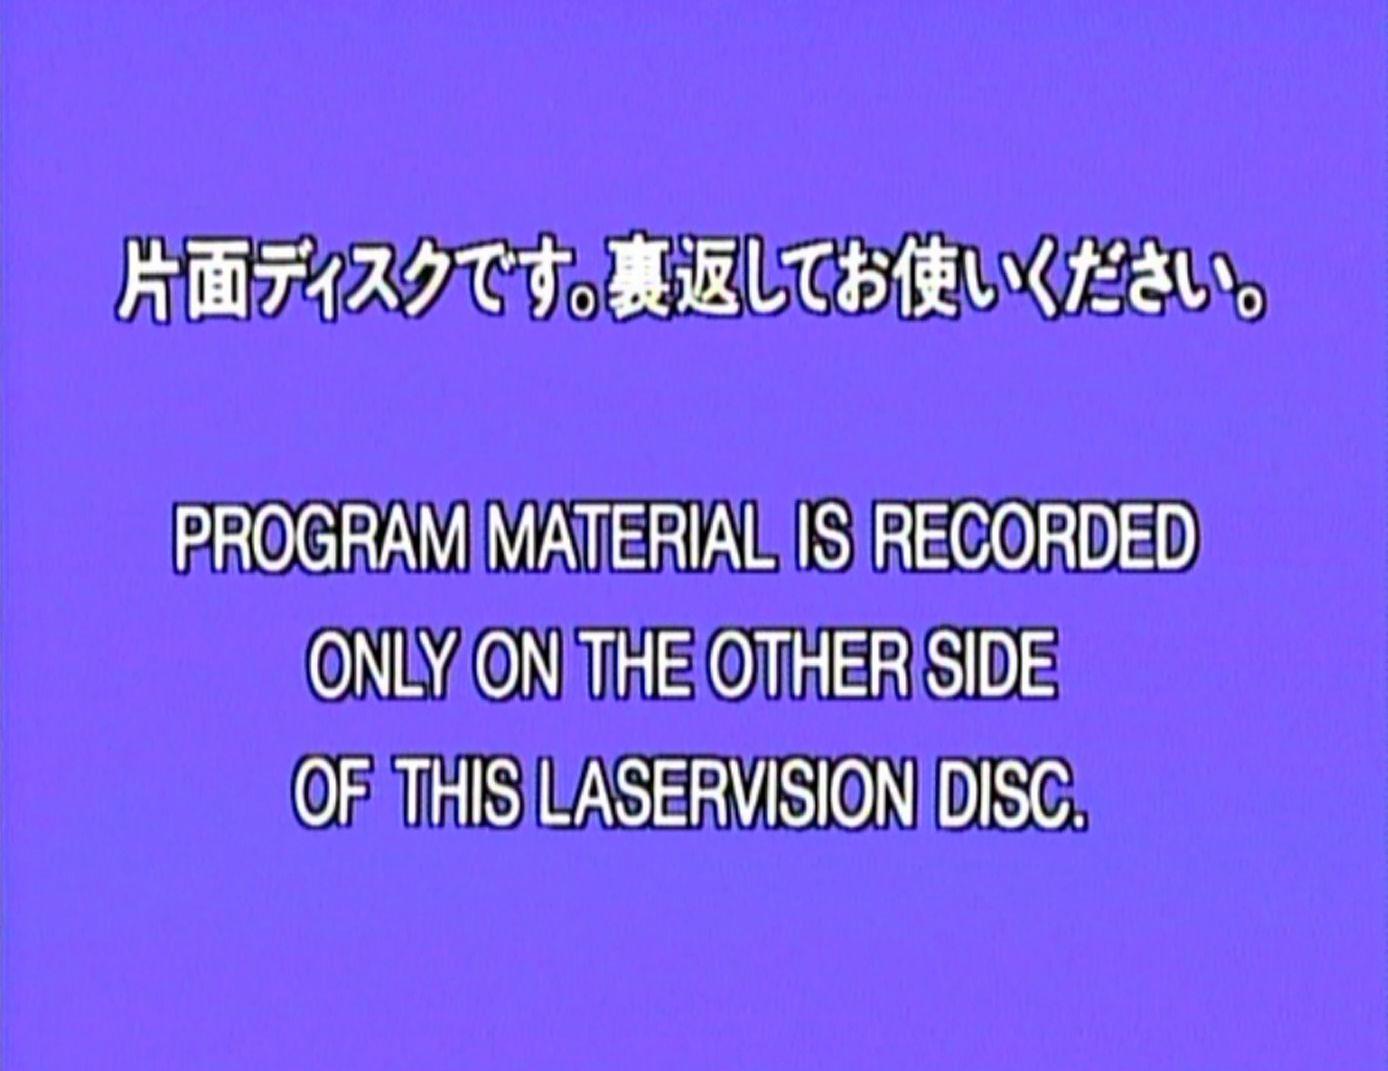 Лазерные видеодиски, ретрокино и автореверс - 11